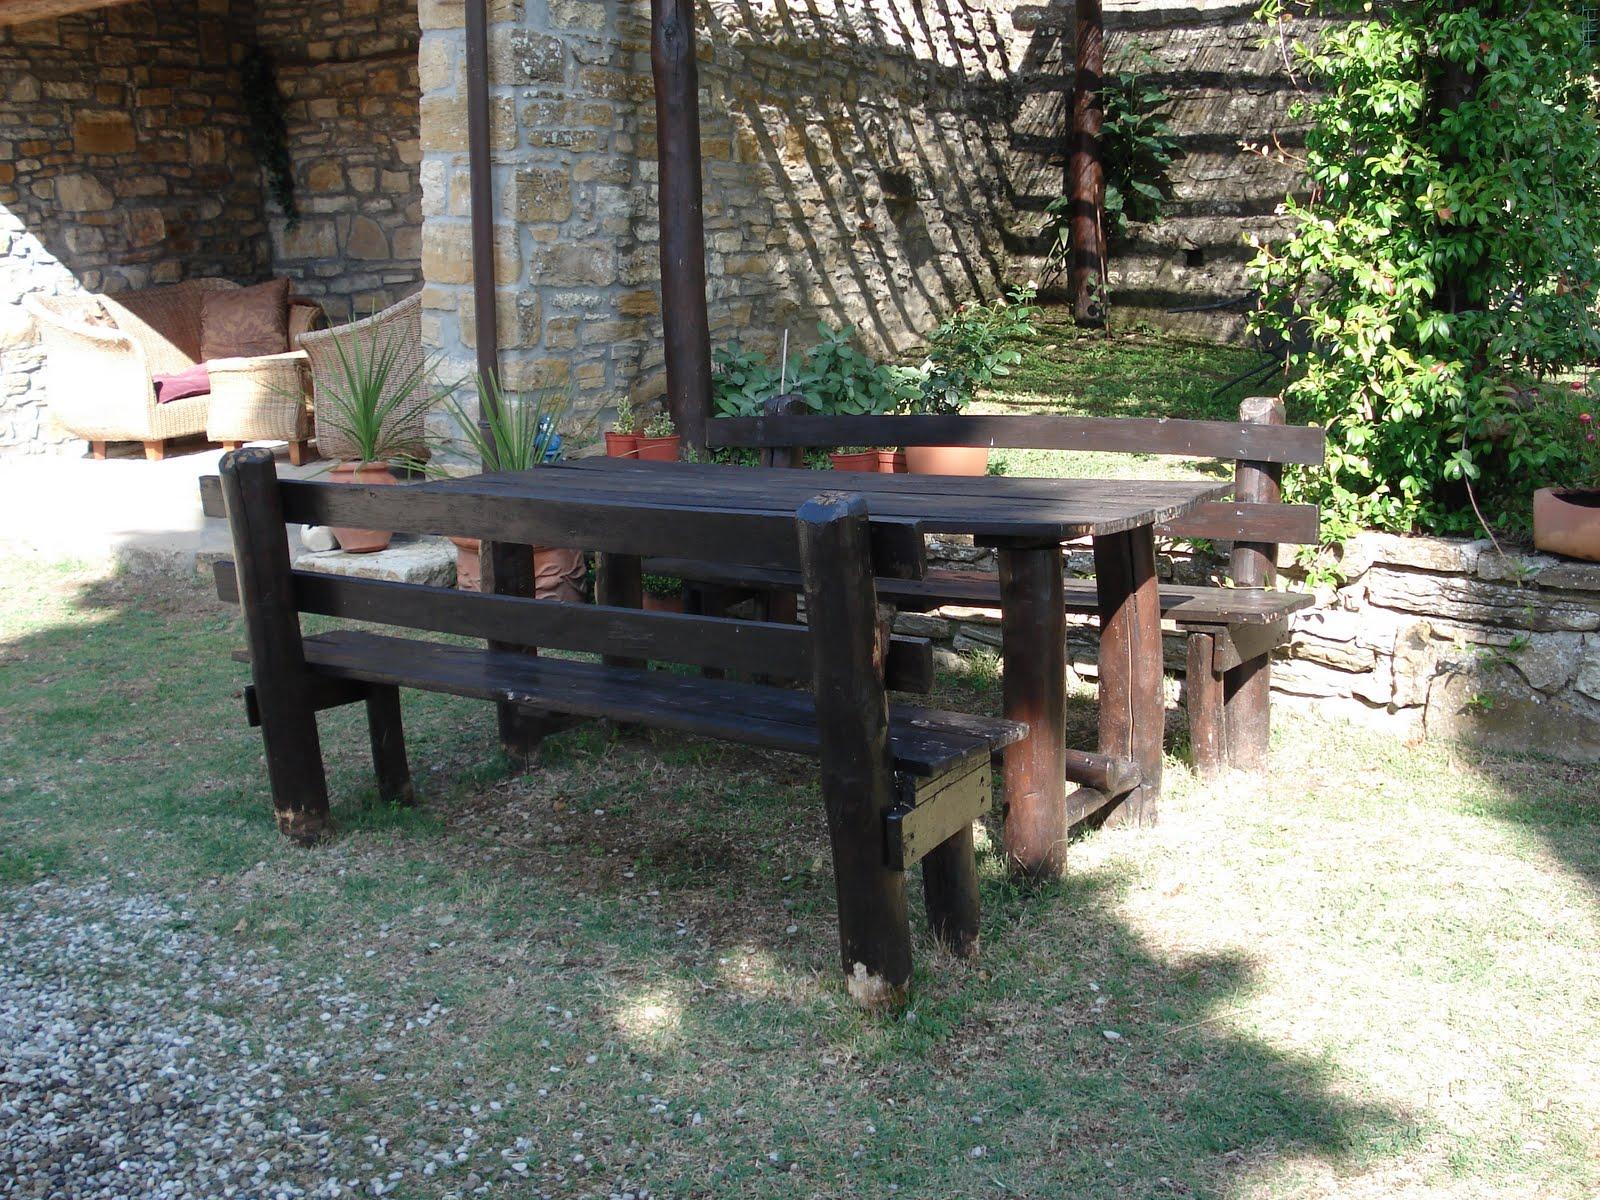 Lavori in legno per esterno i miei tavoli e panchine da esterno - Tavoli per esterno in legno ...